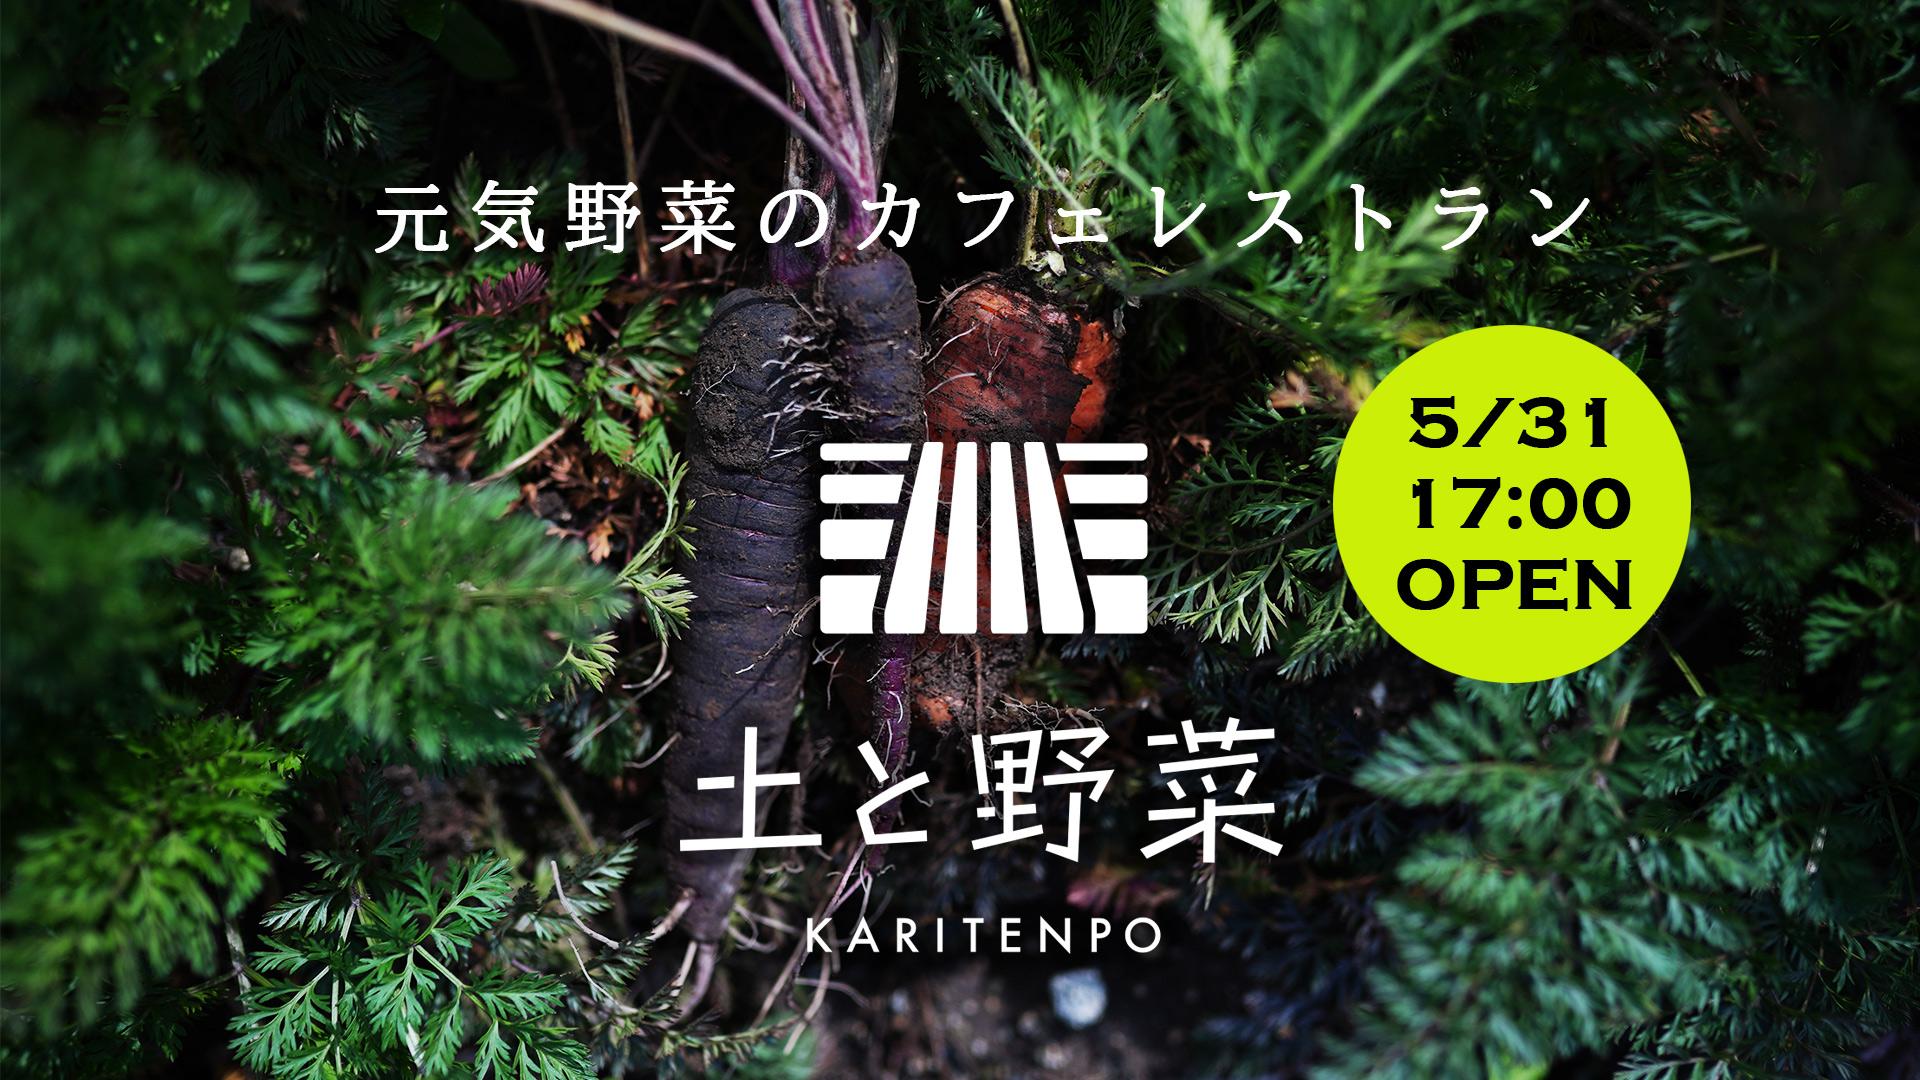 元気野菜のカフェレストラン [土と野菜 KARITENPO] 京都にOPEN!!